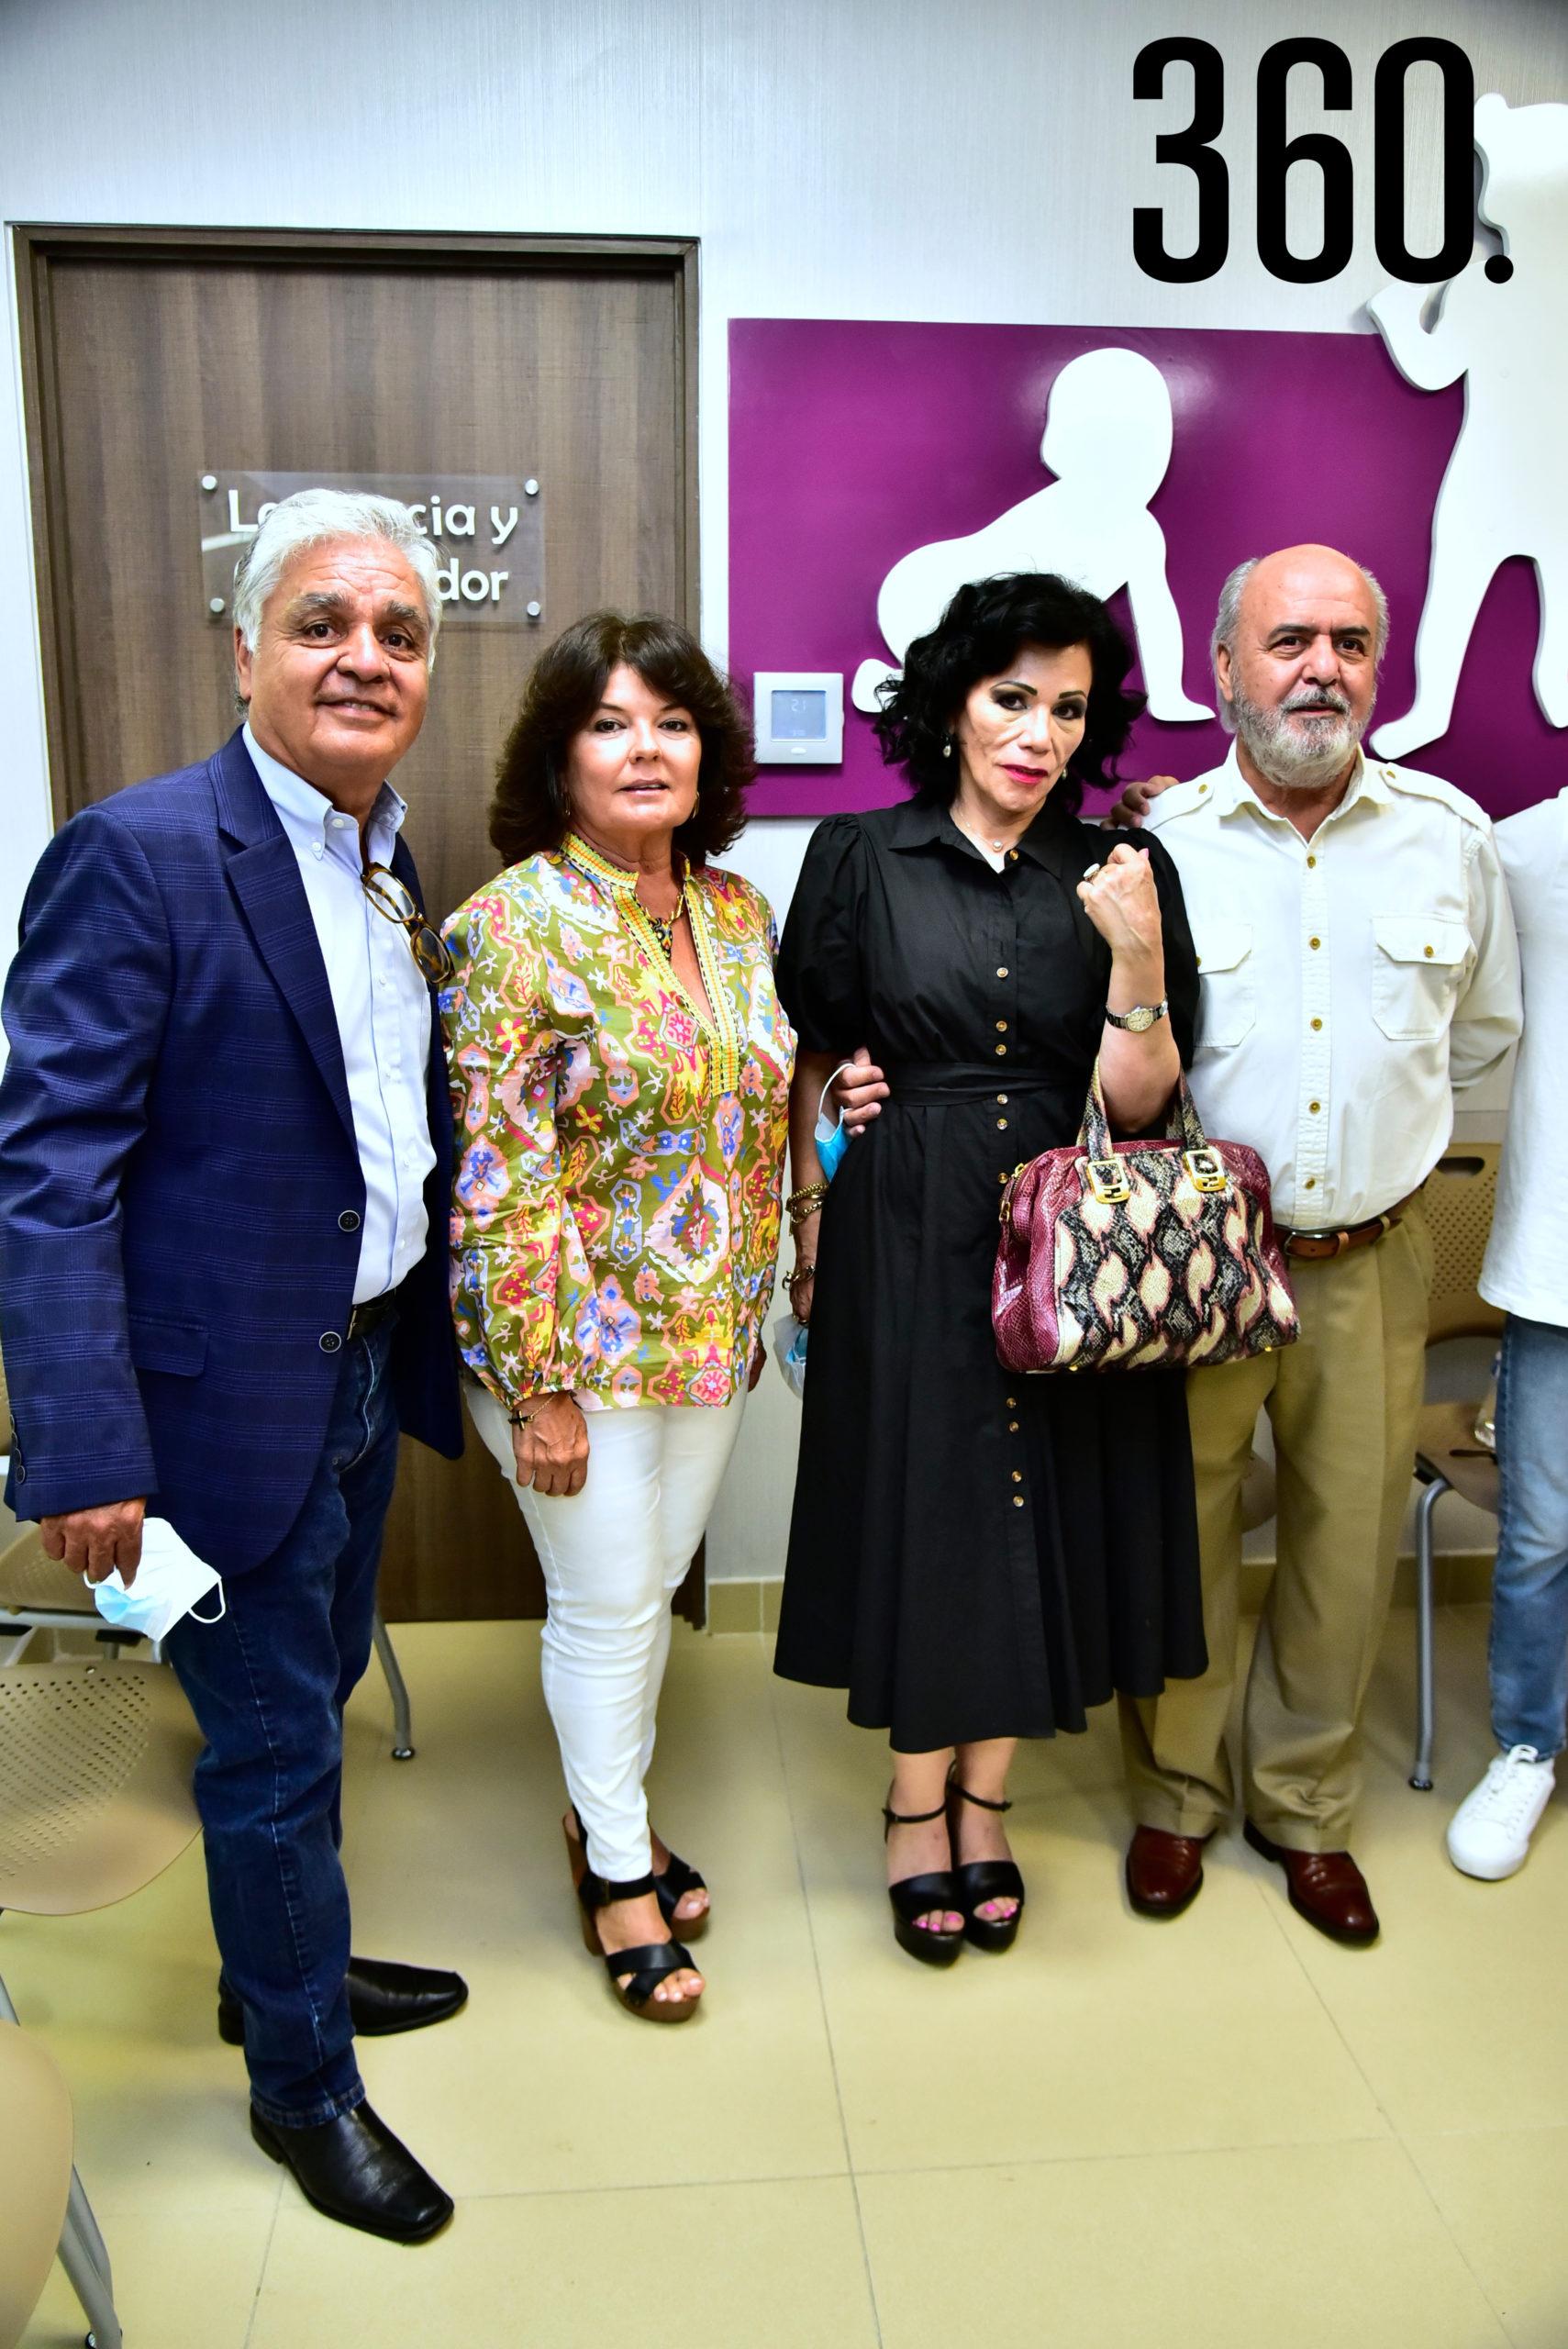 Jorge Valdez, Adriana Ceballos de Valdez, Yolanda de Álvarez y Pablo Álvarez.